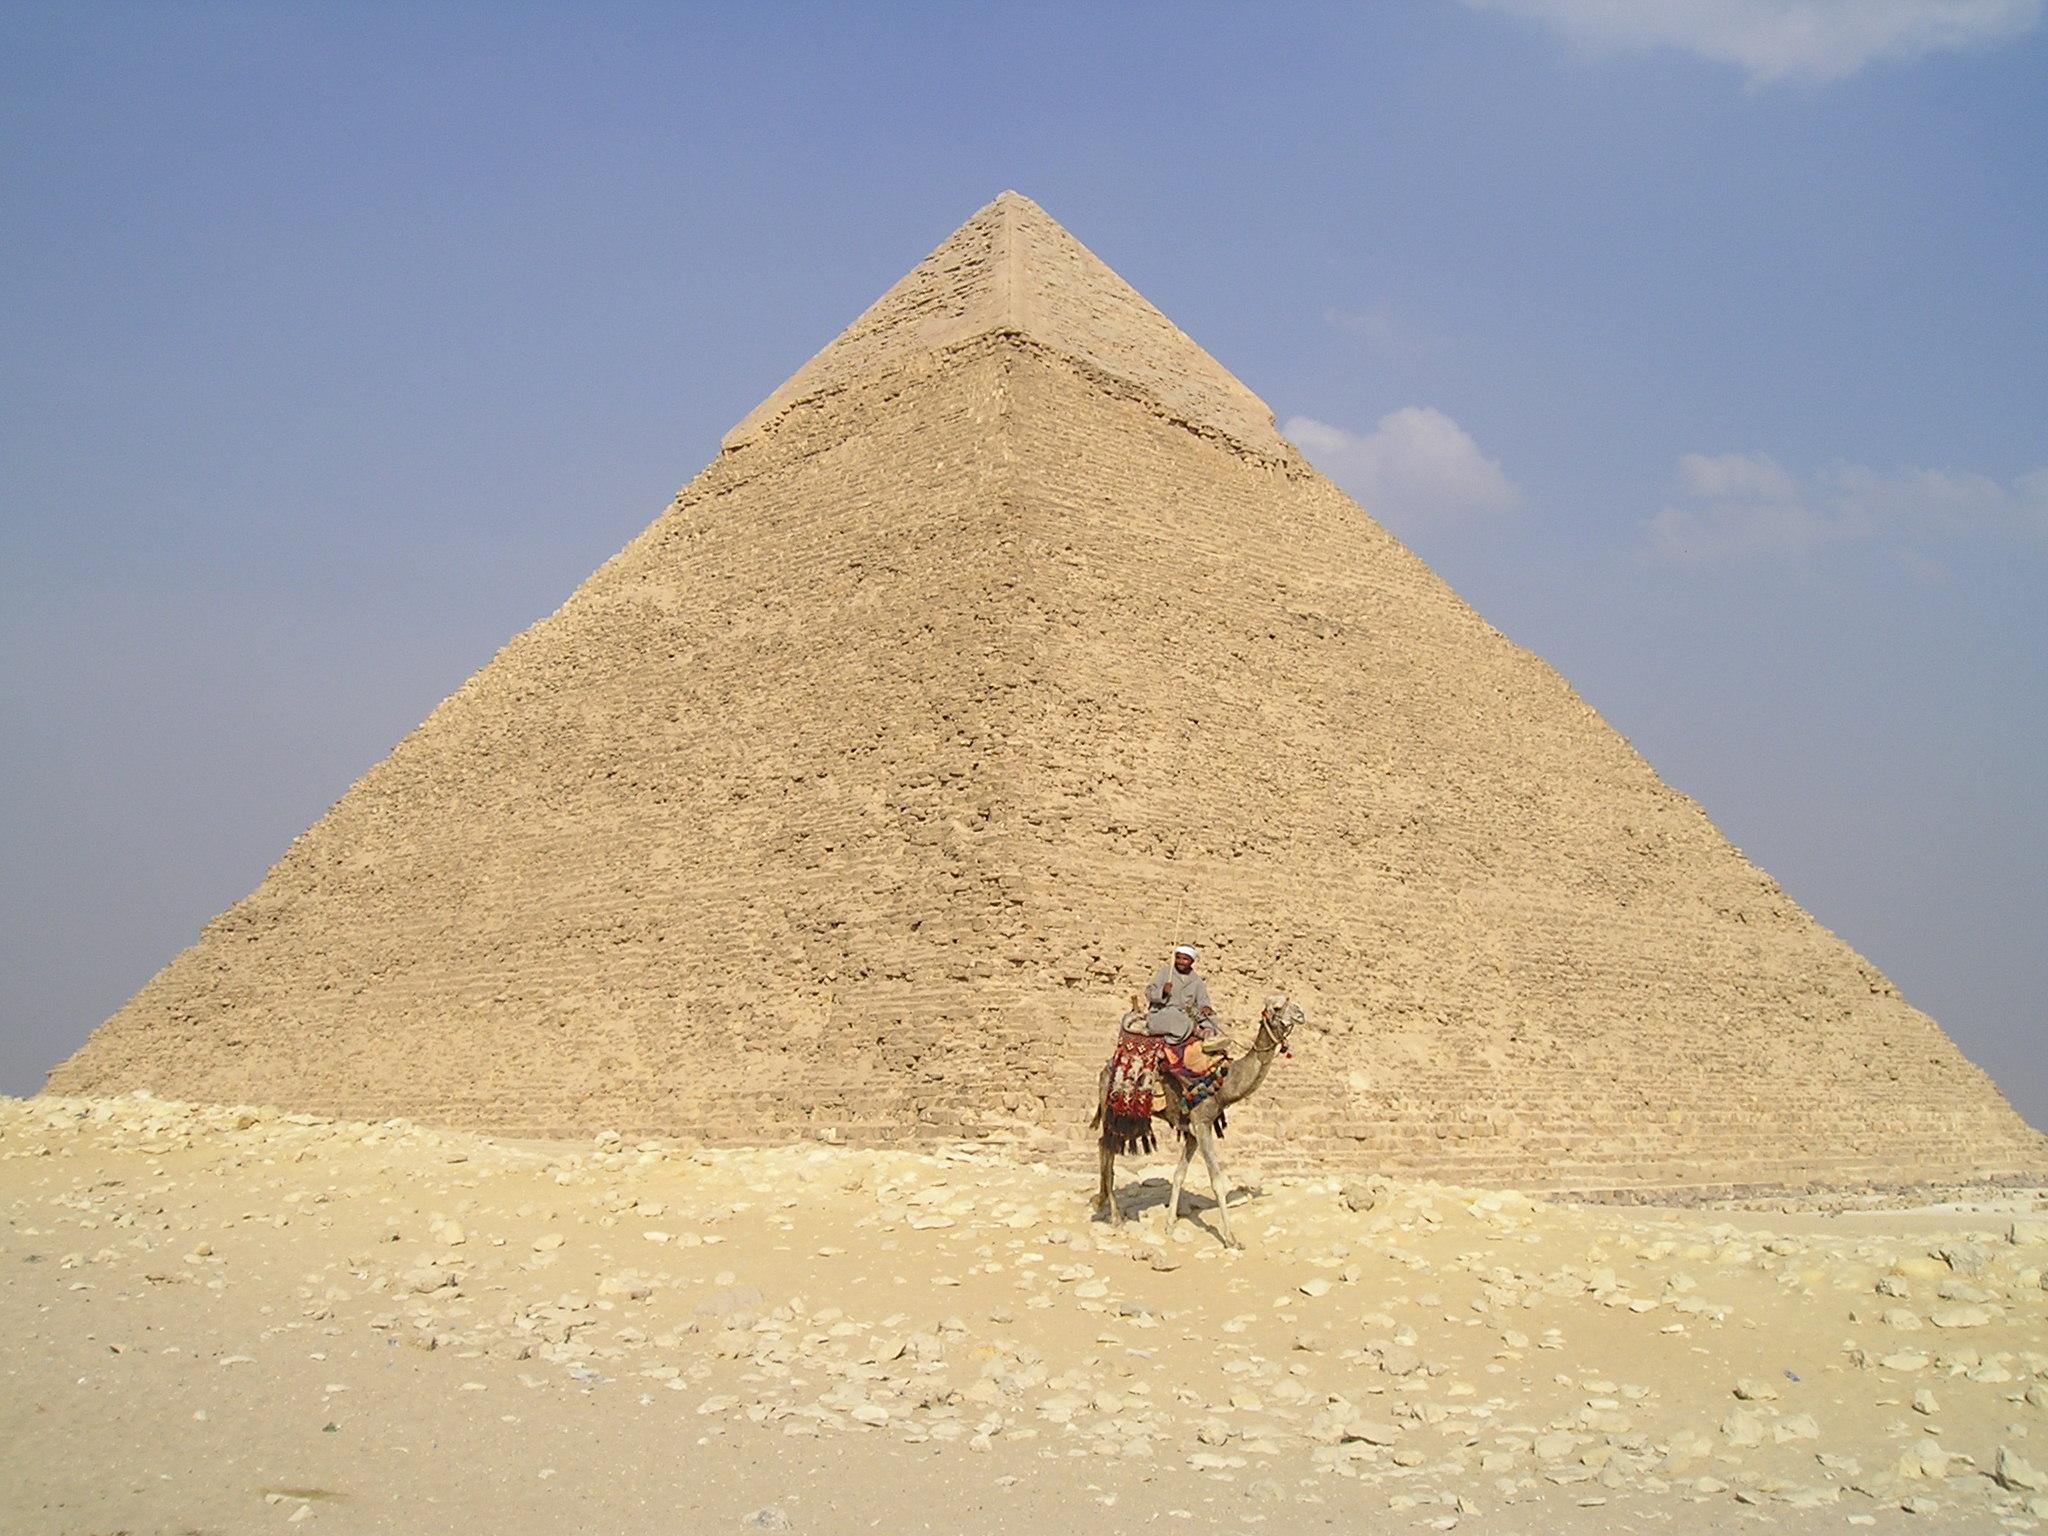 Isso é uma pirâmide no Egito, não uma pirâmide etária!